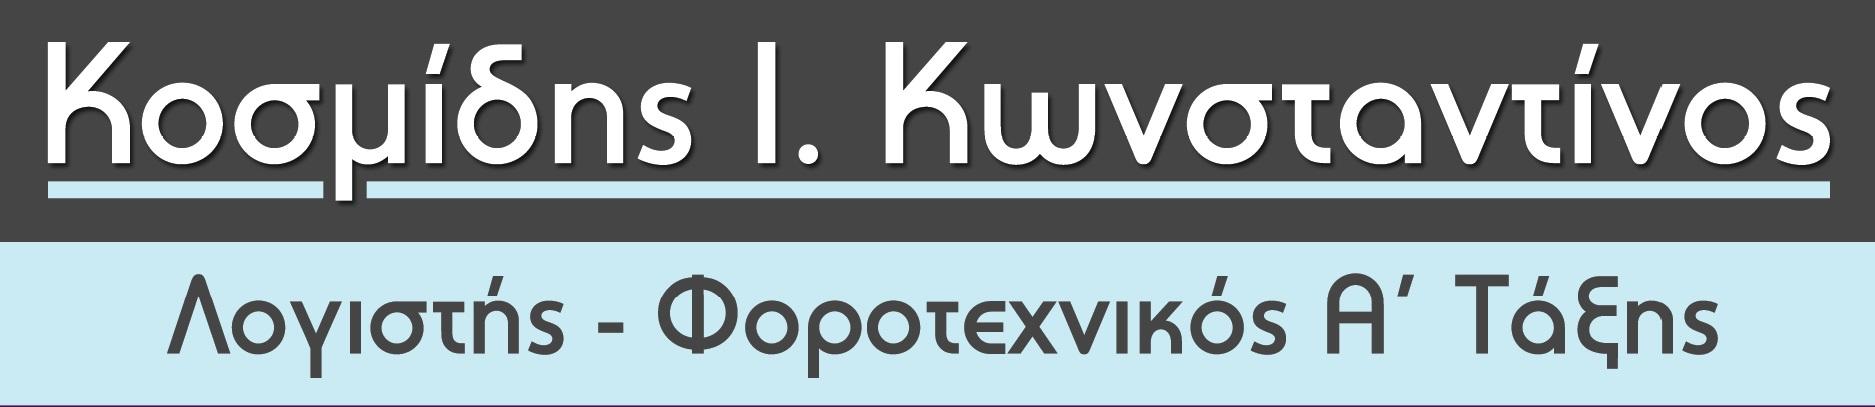 Κοσμίδης Ι. Κωνσταντίνος